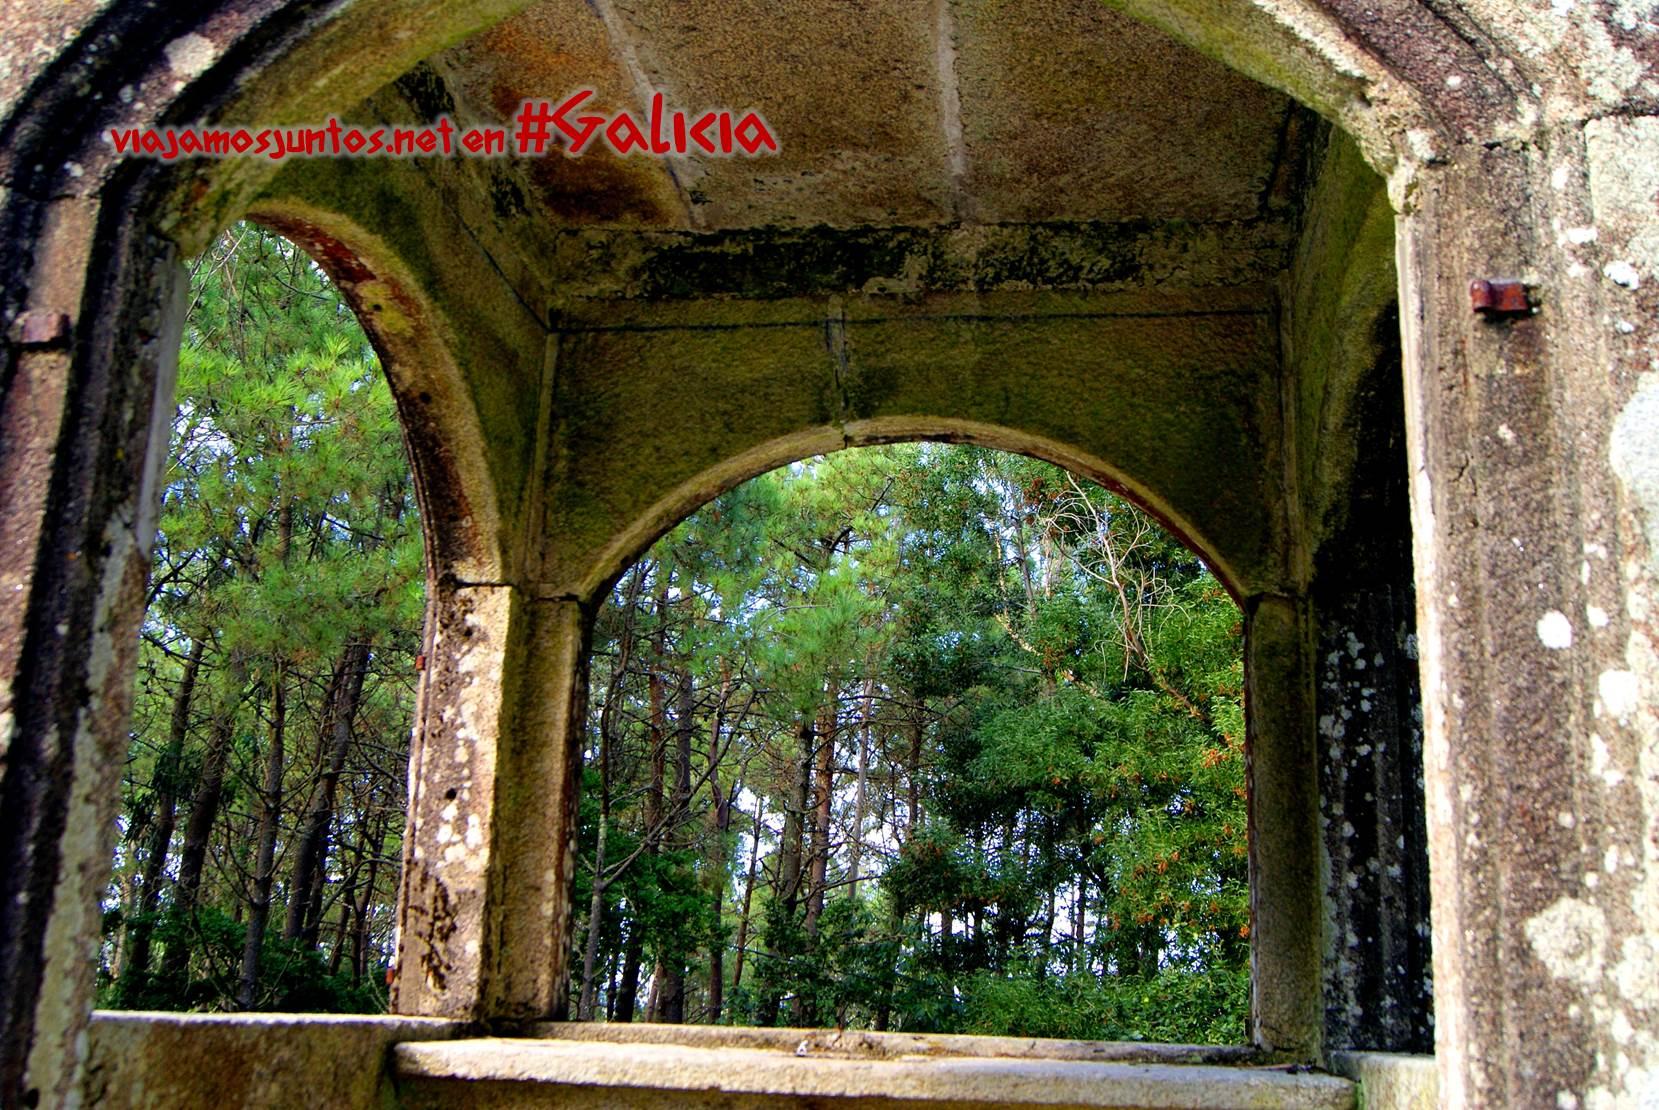 Entornos mágicos de Galicia, Costa da Morte, Galicia; capilla